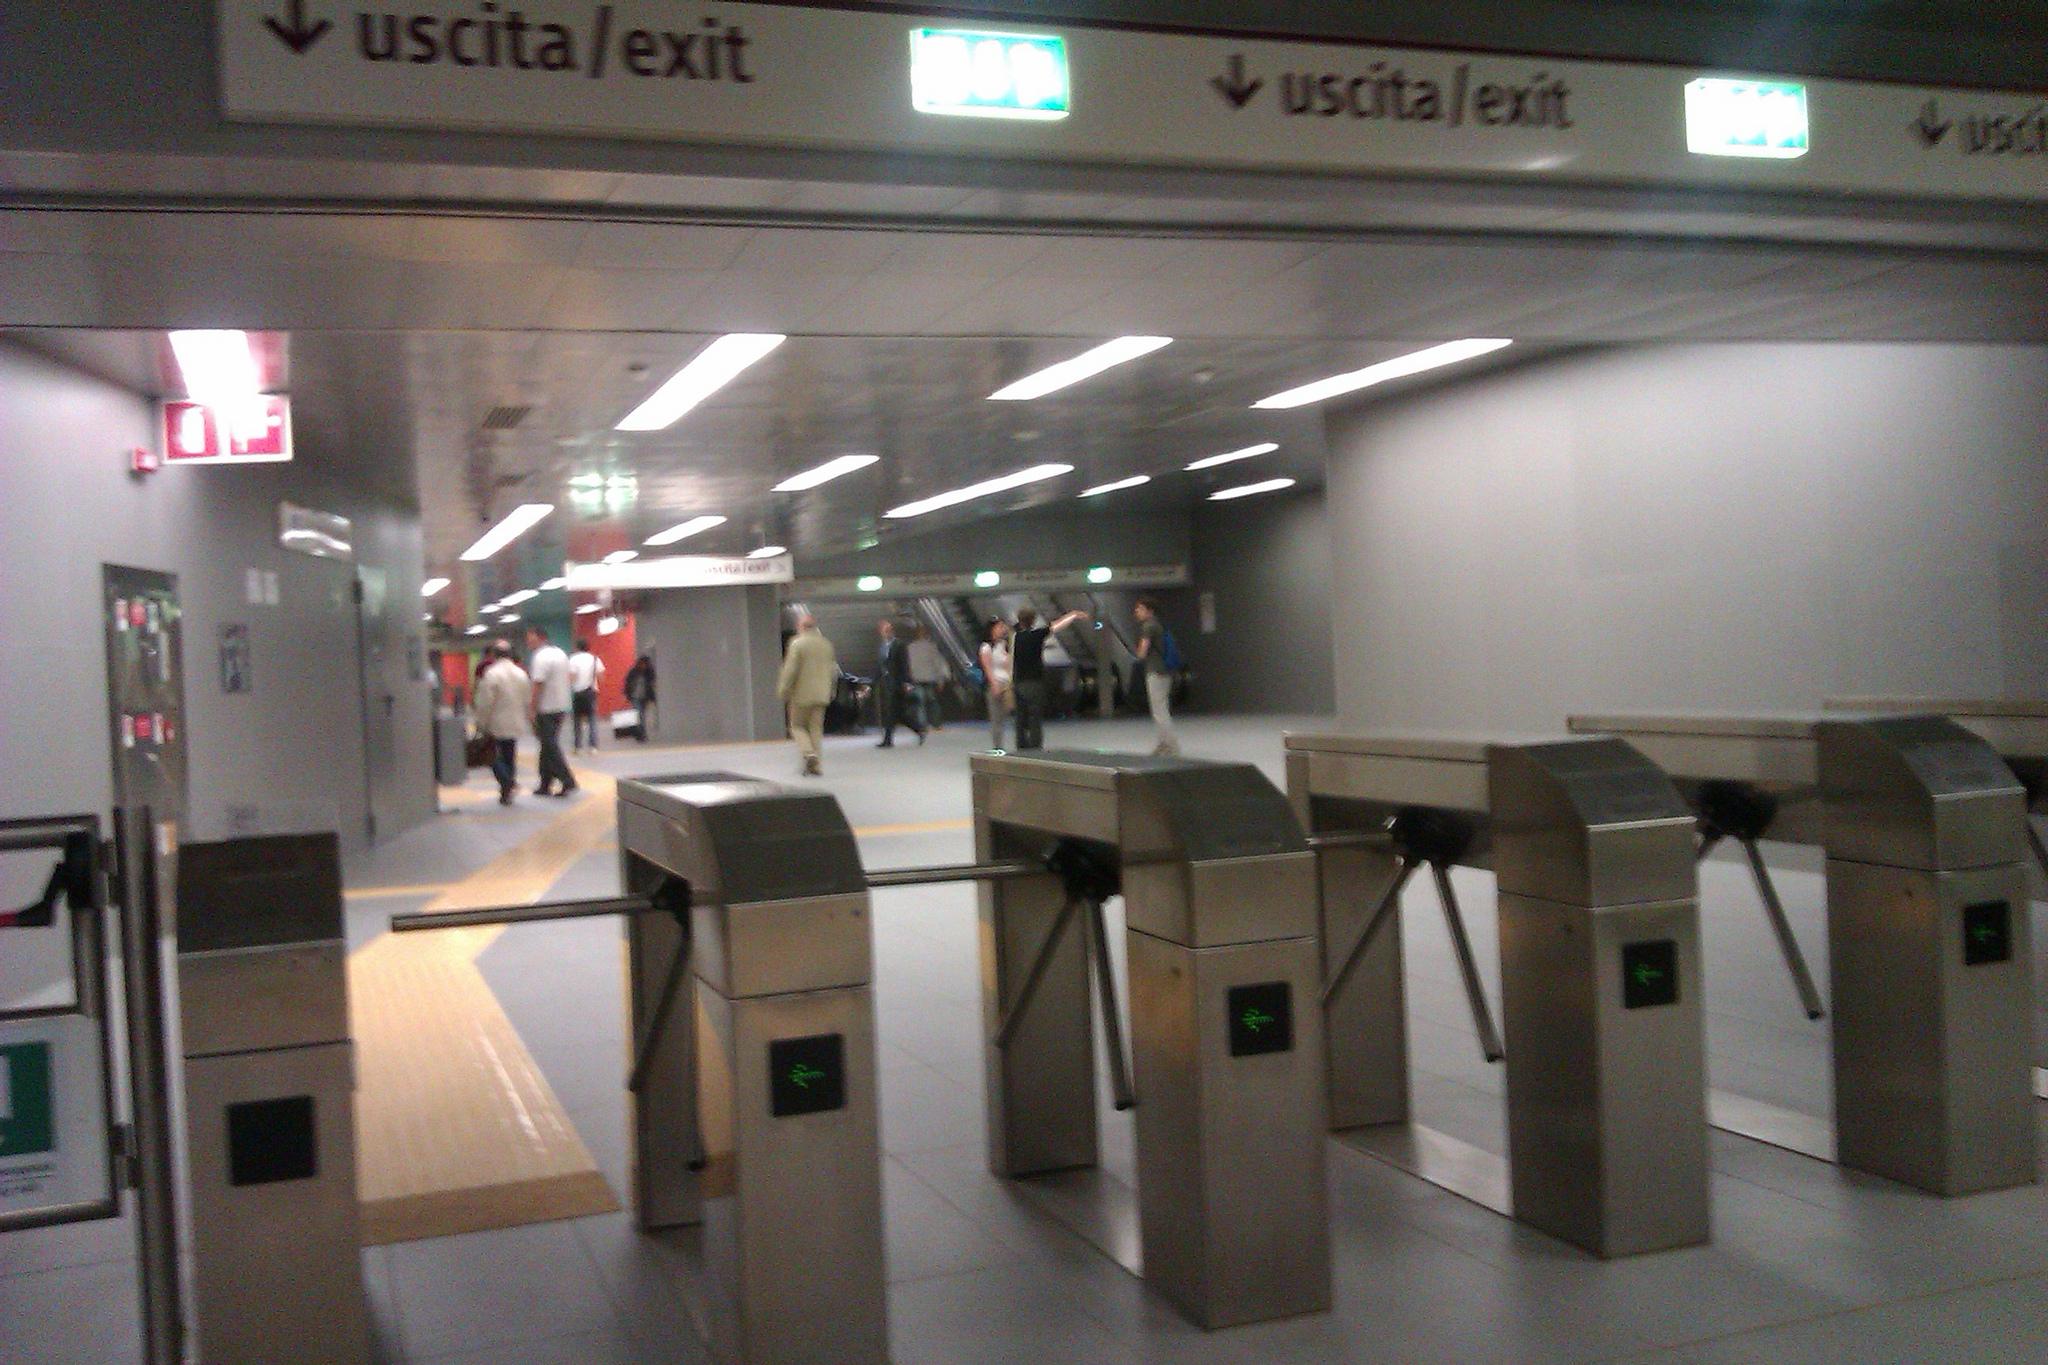 Young metro roma il biglietto si timbra anche in uscita - Metro porta furba roma ...